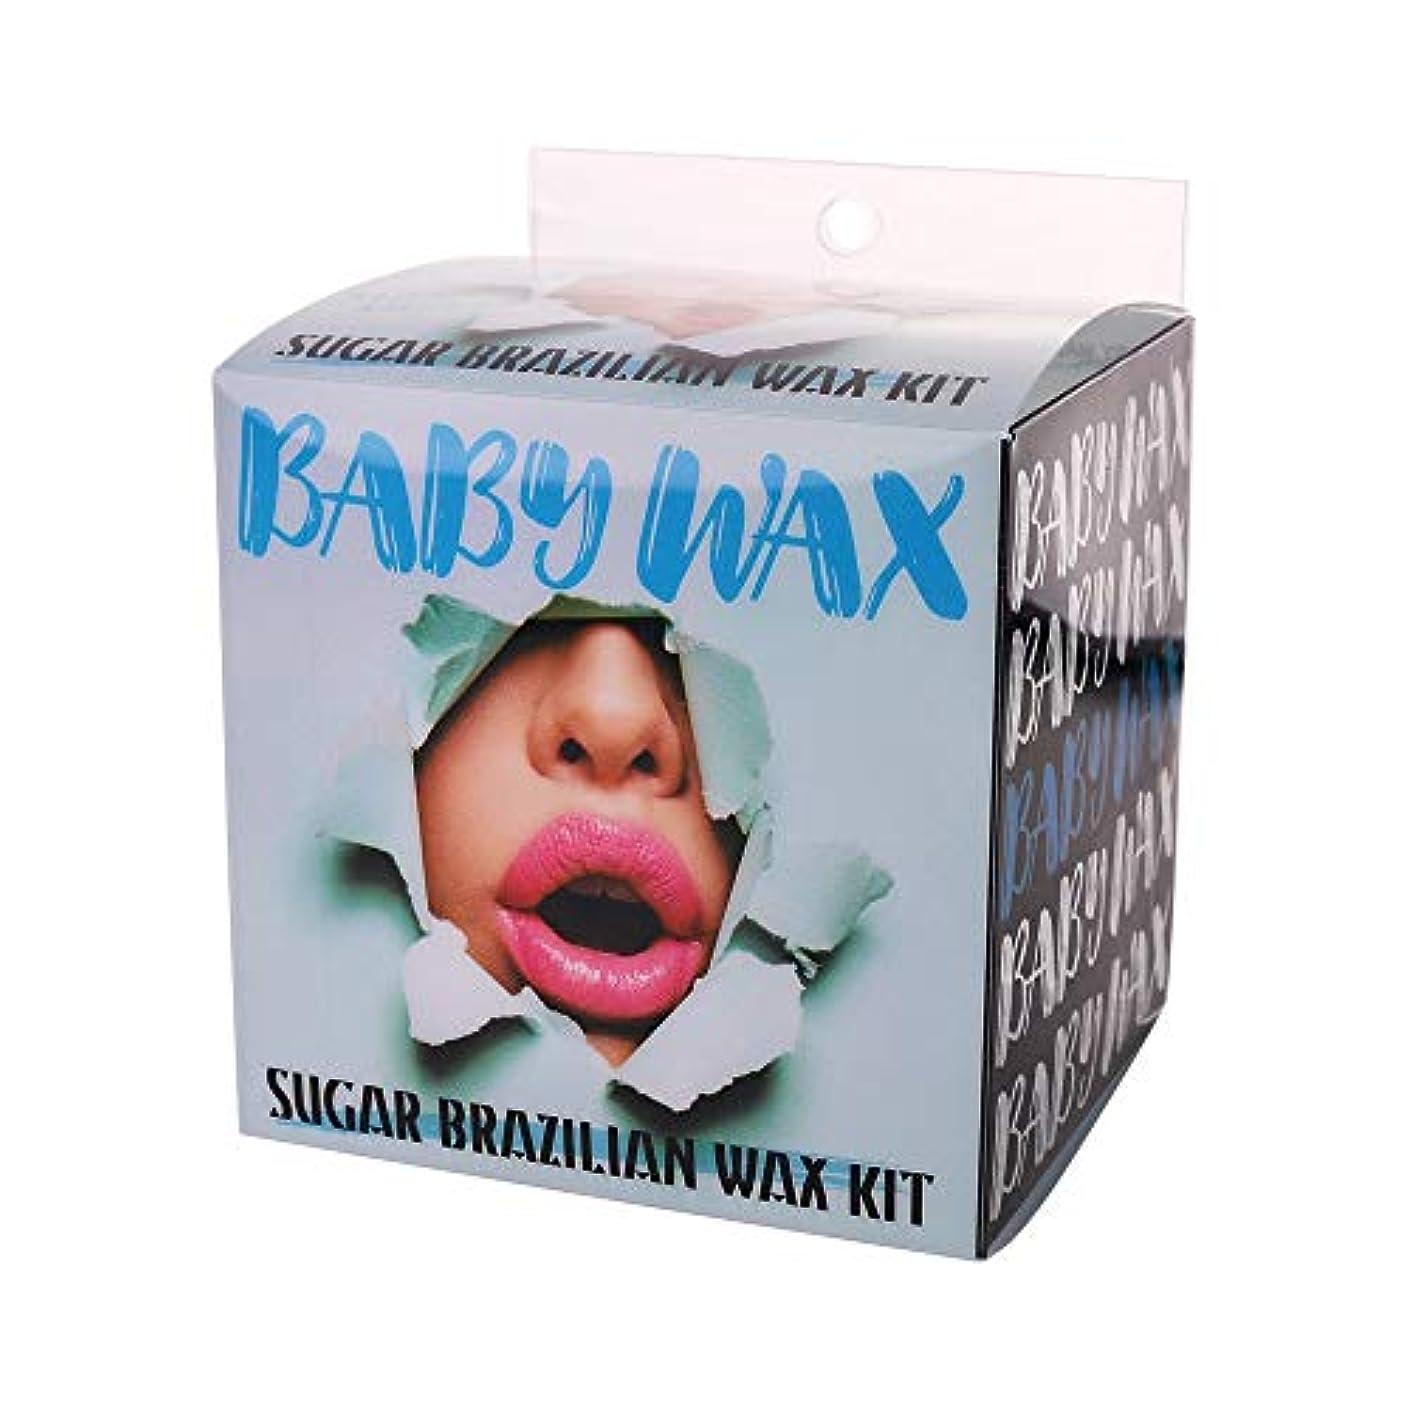 団結する放つ補体babywax(ベビーワックス) シュガー ブラジリアン ワックス キット (1セット)